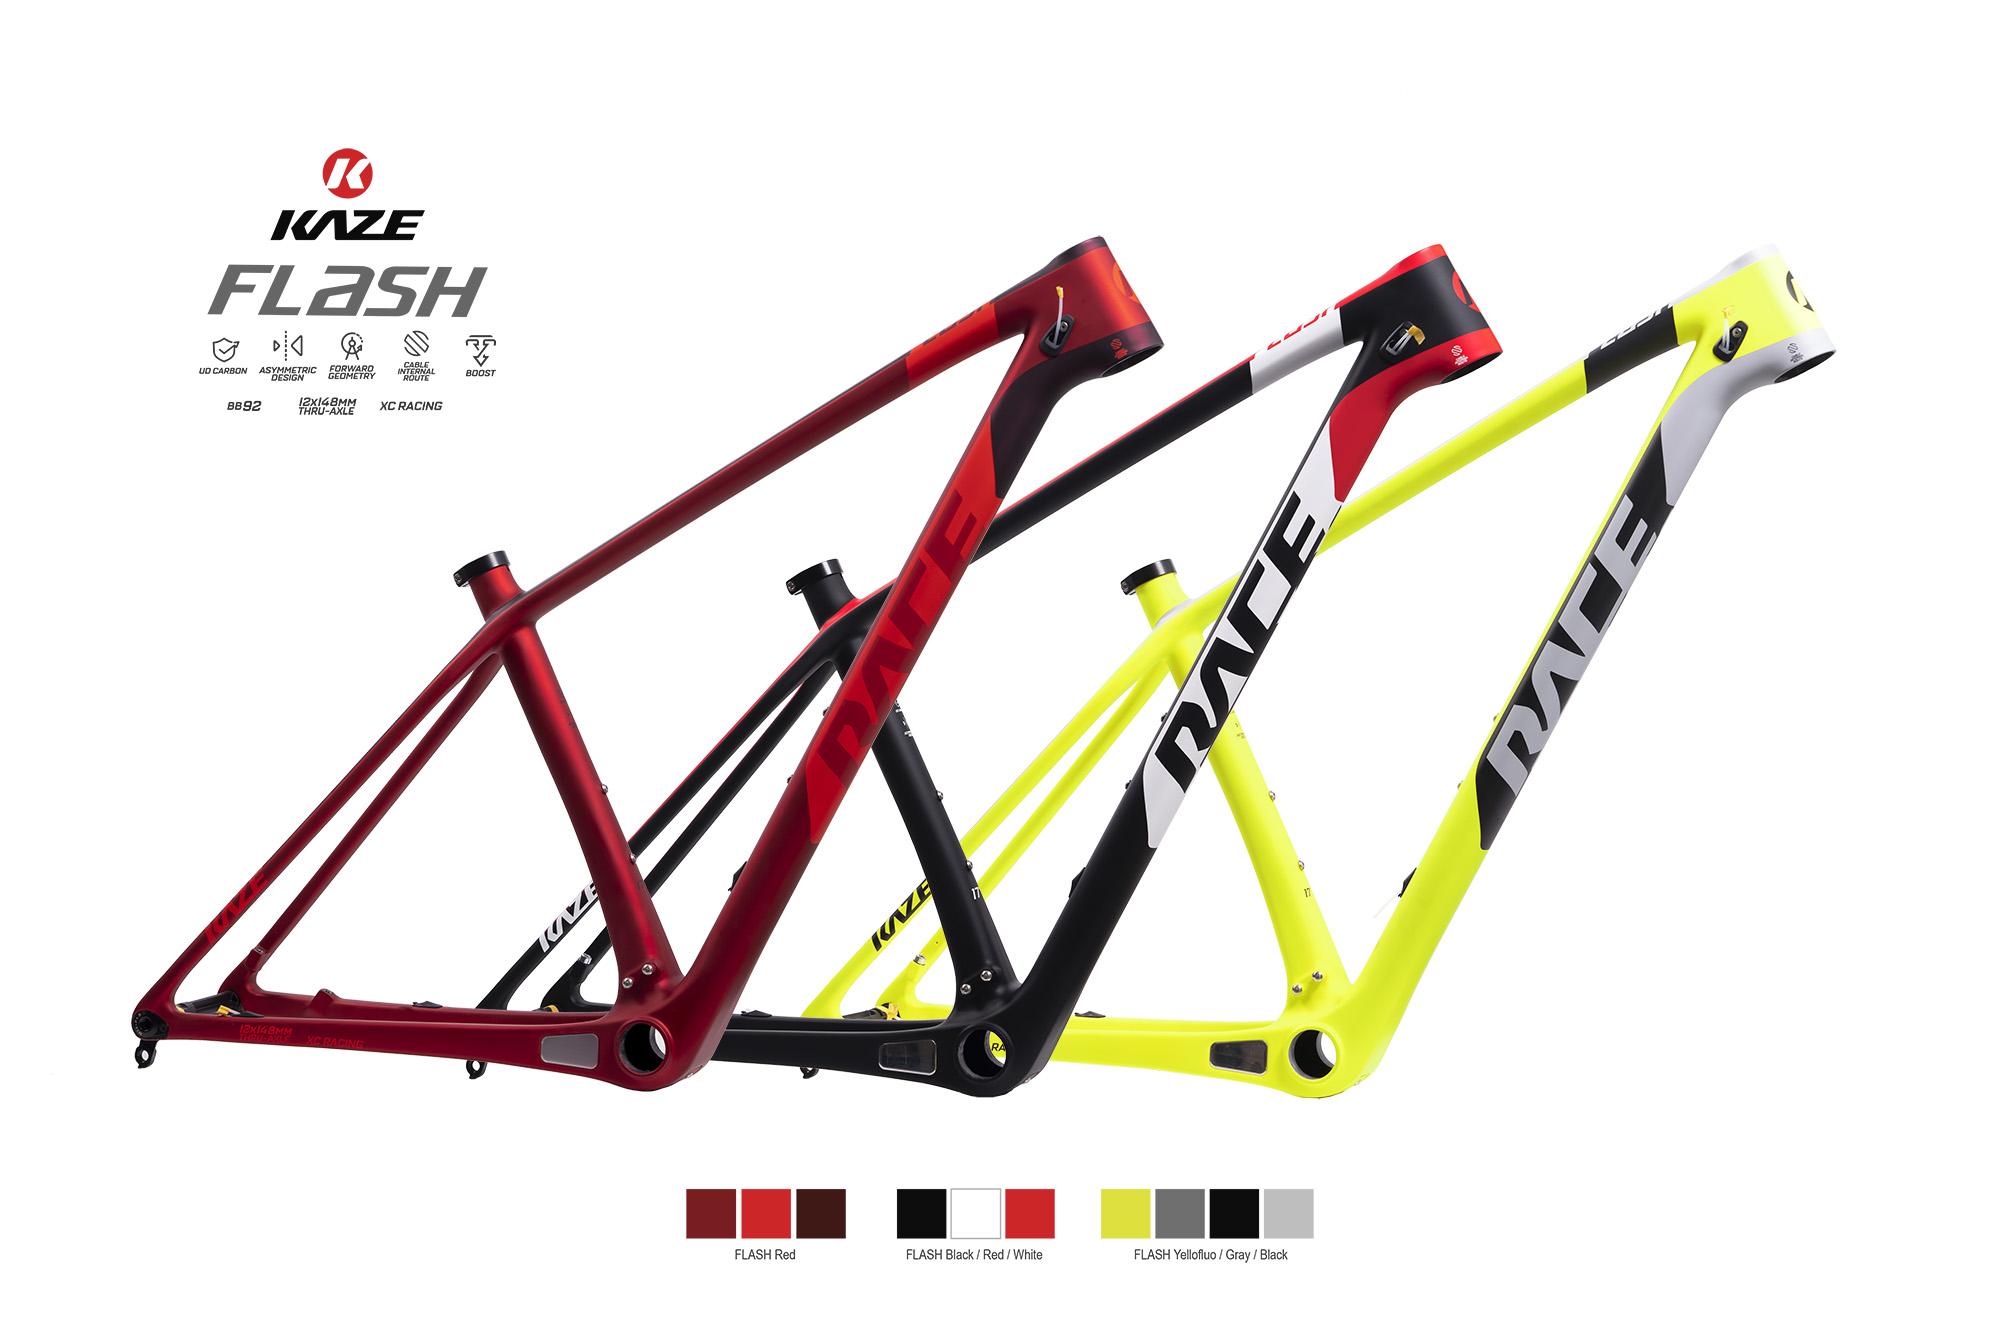 KAZE Bicycle ได้พัฒนาจักรยานเสือภูเขาคาร์บอนรุ่นใหม่..